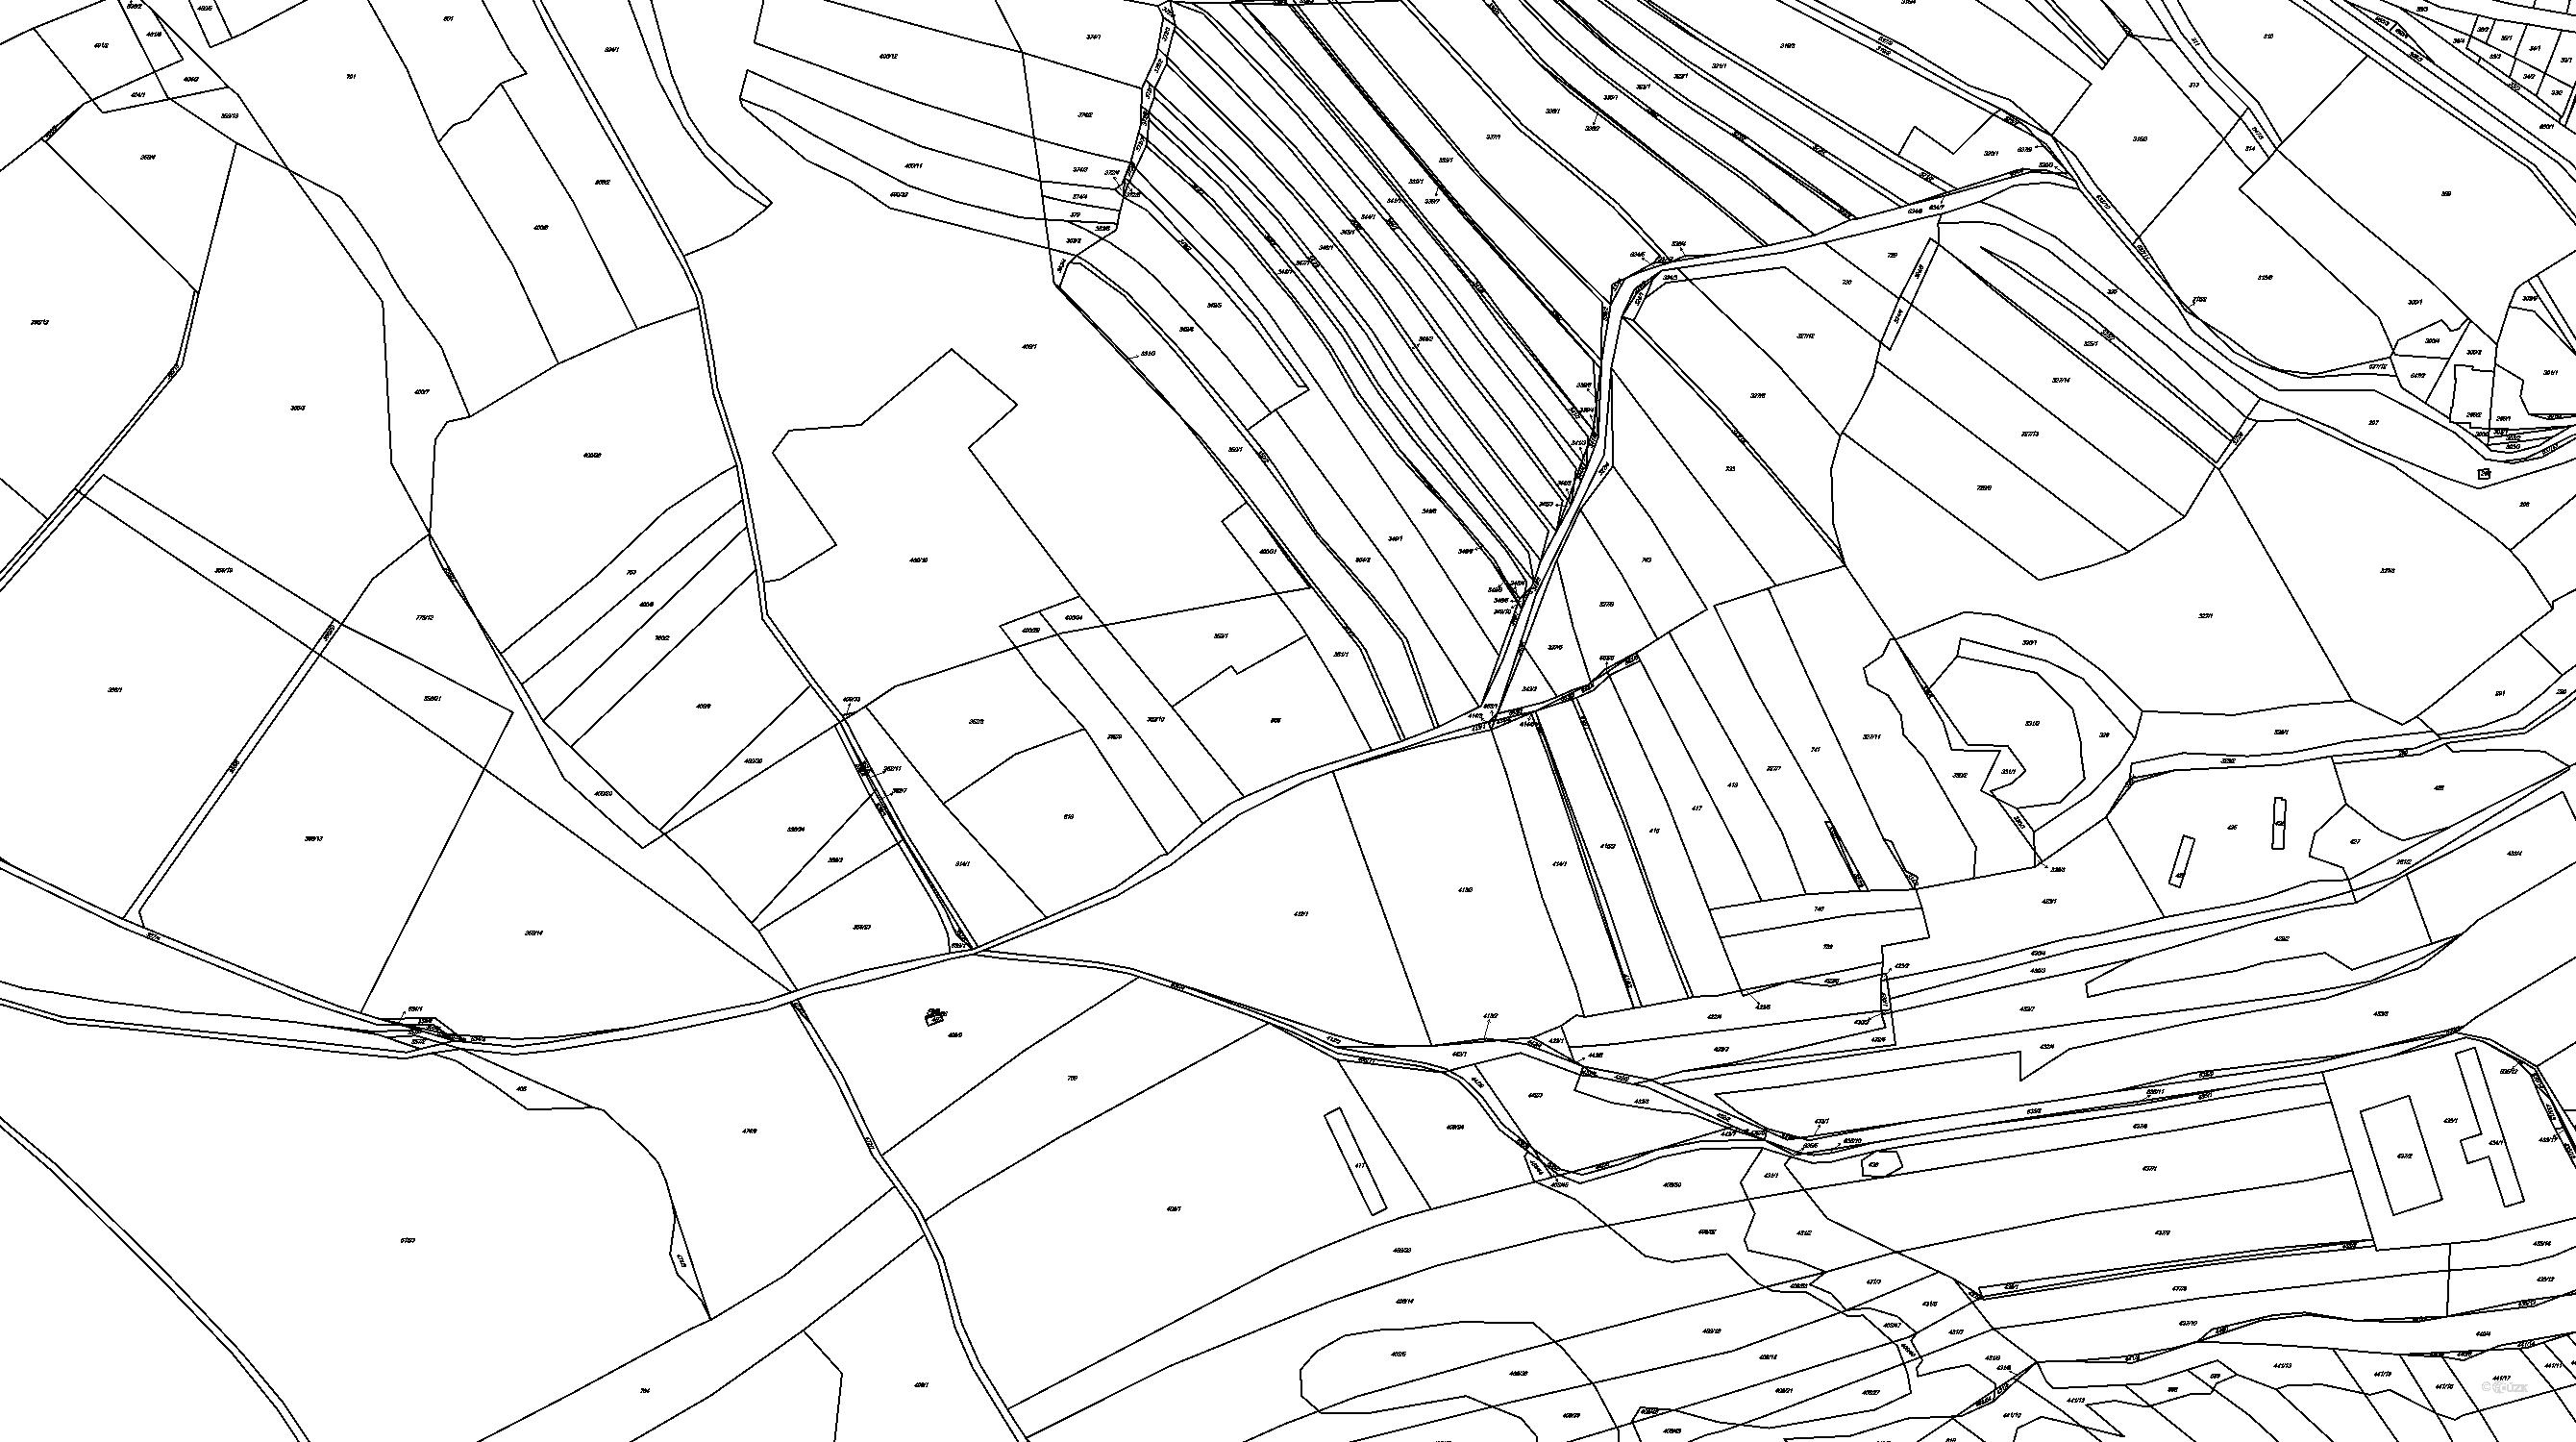 Katastrální mapa pozemků a čísla parcel Opatovice u Vyškova